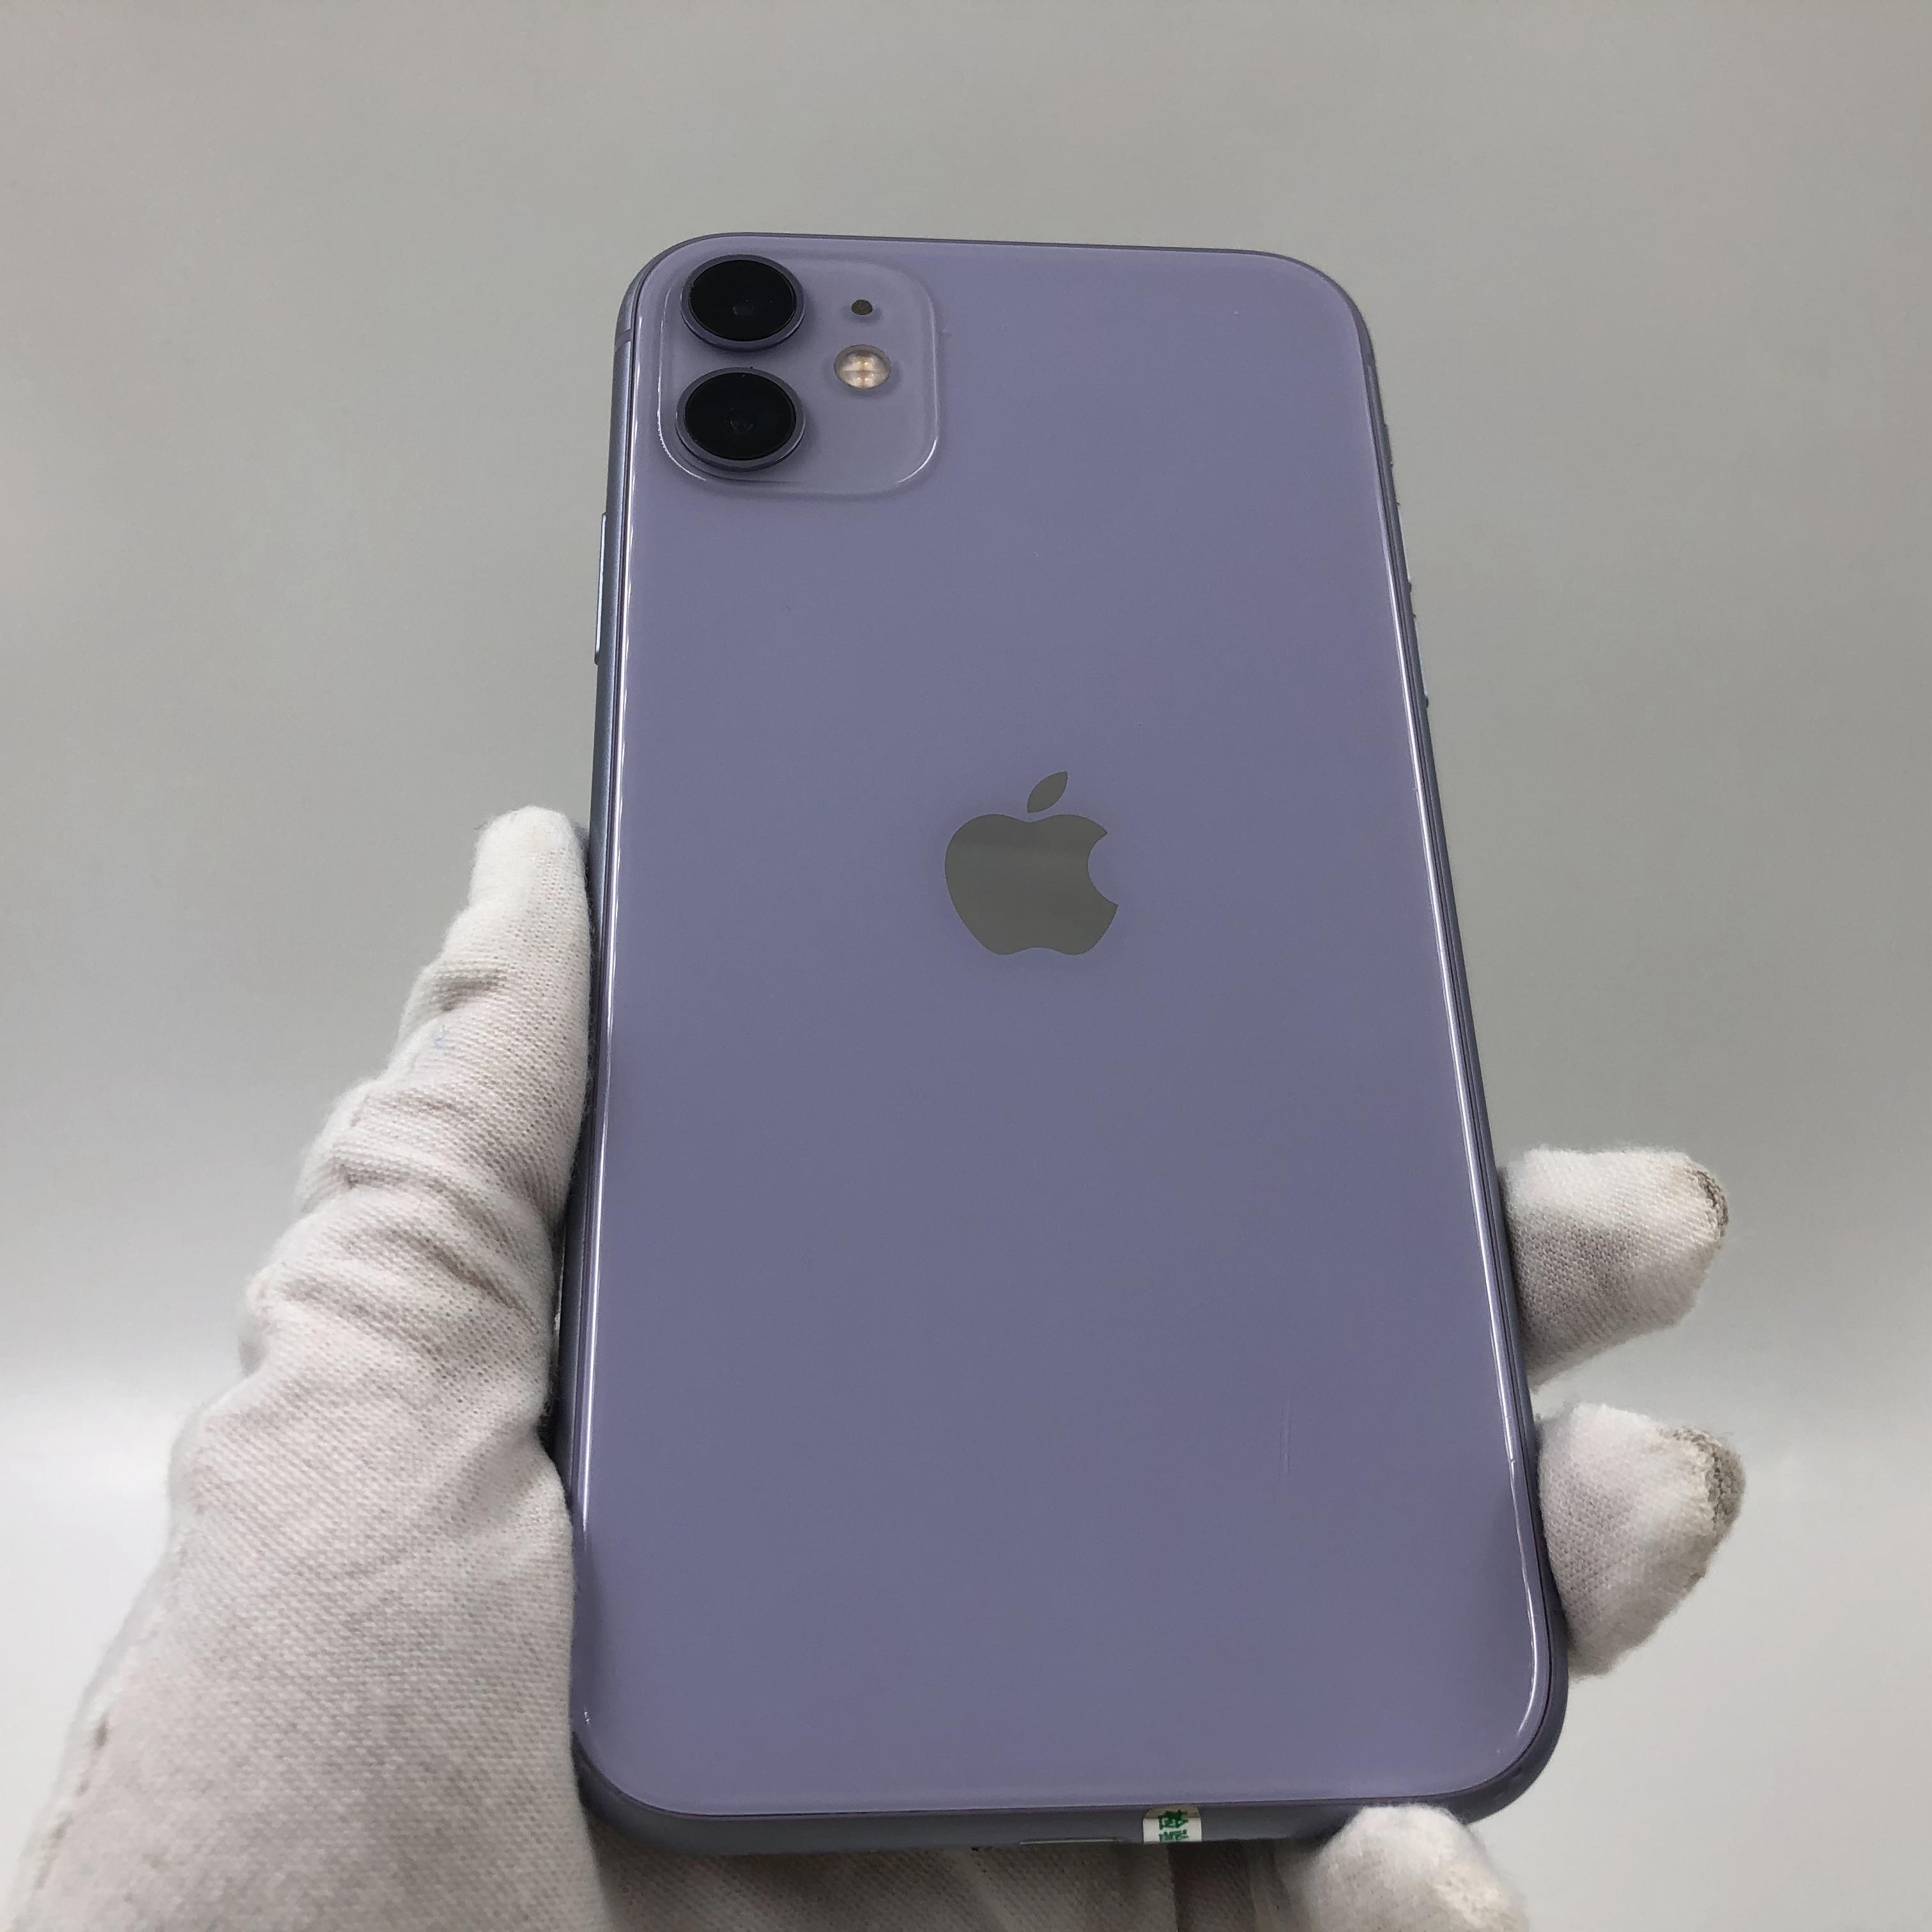 苹果【iPhone 11】4G全网通 紫色 128G 国行 9成新 真机实拍